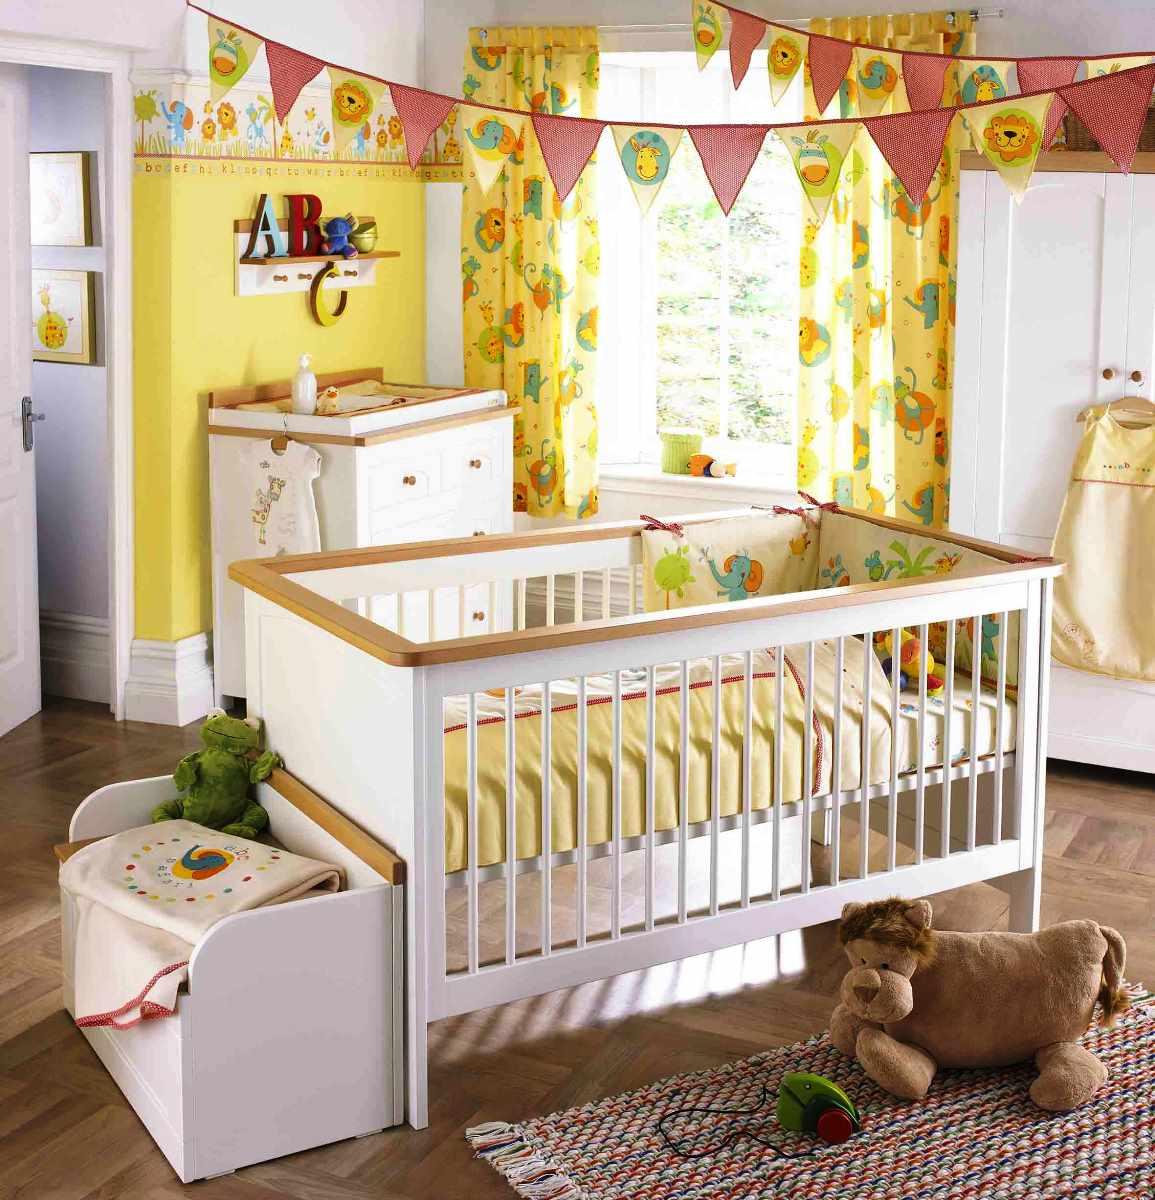 украсить комнату новорожденного на день рождения